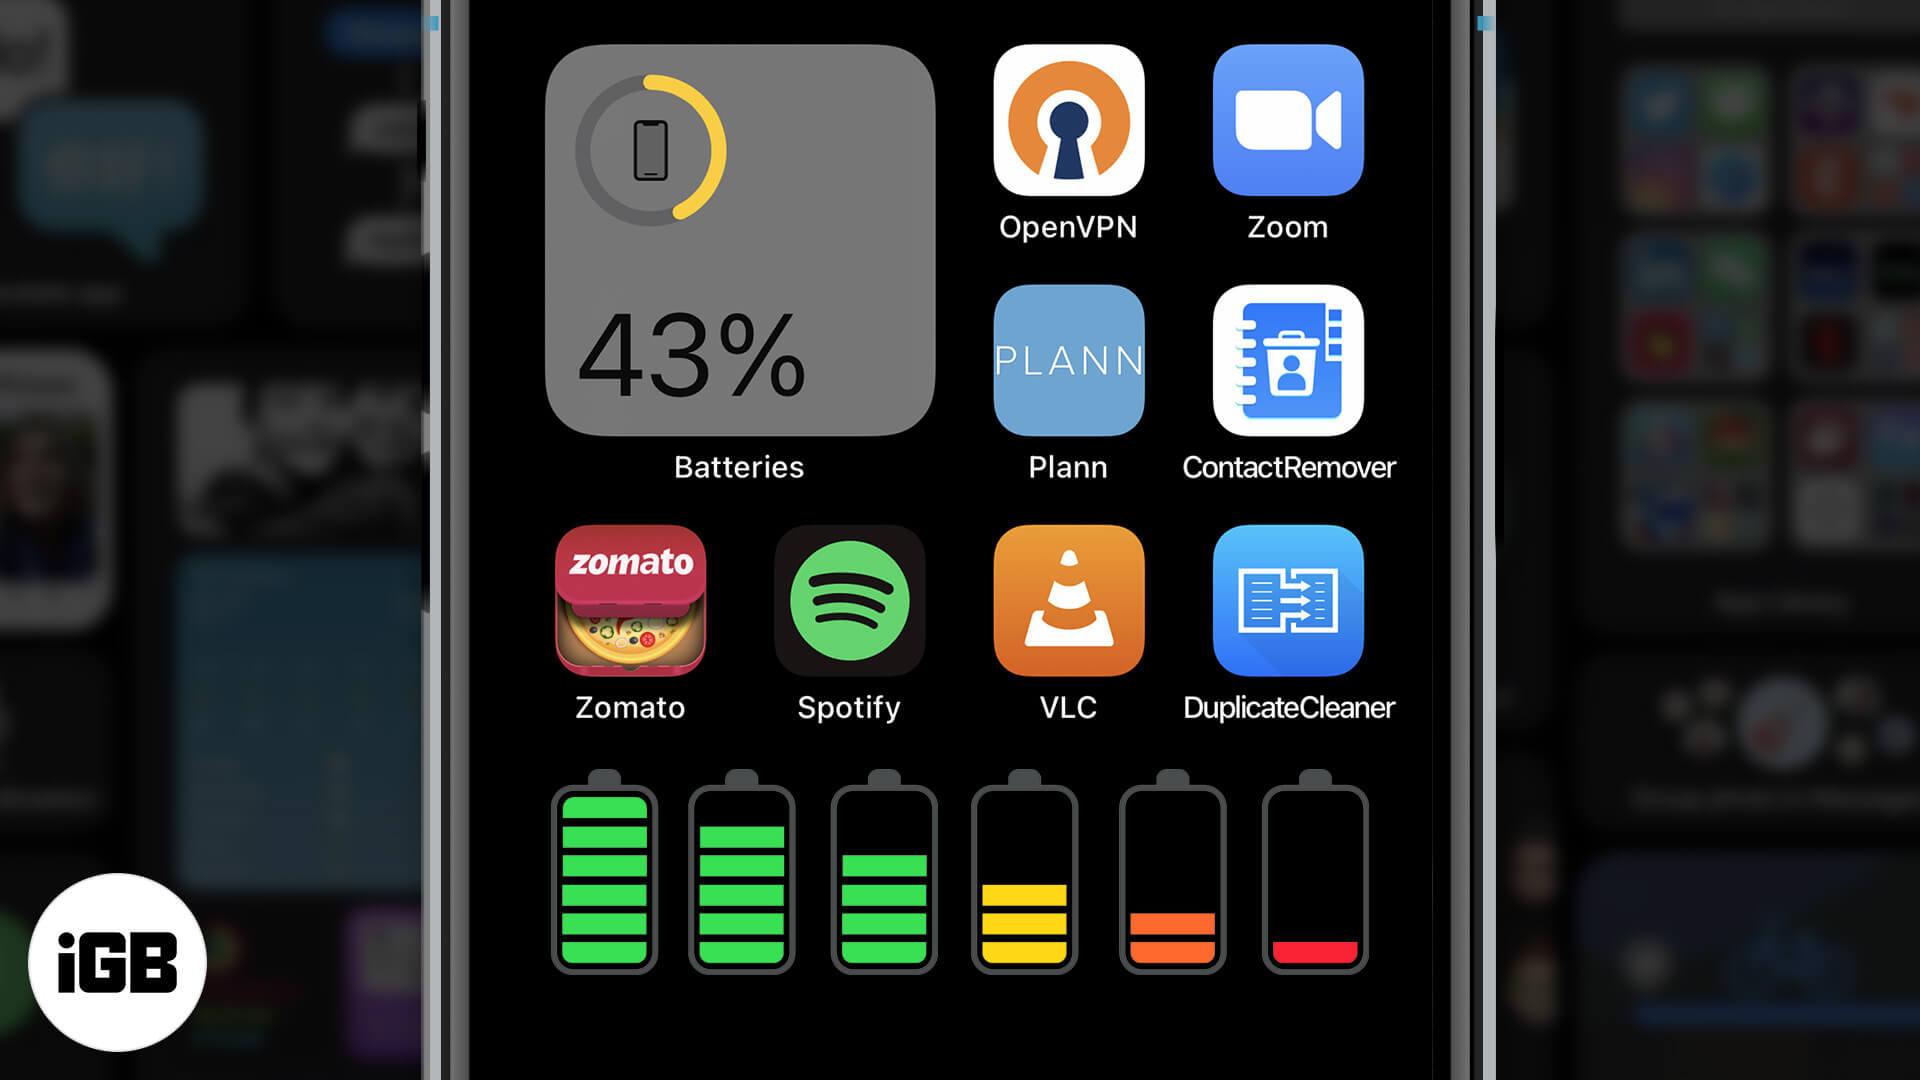 تحديث Ios 14 2 يتسبب في استنزاف سريع للبطارية على كل طرز الآي فون اي فون إسلام